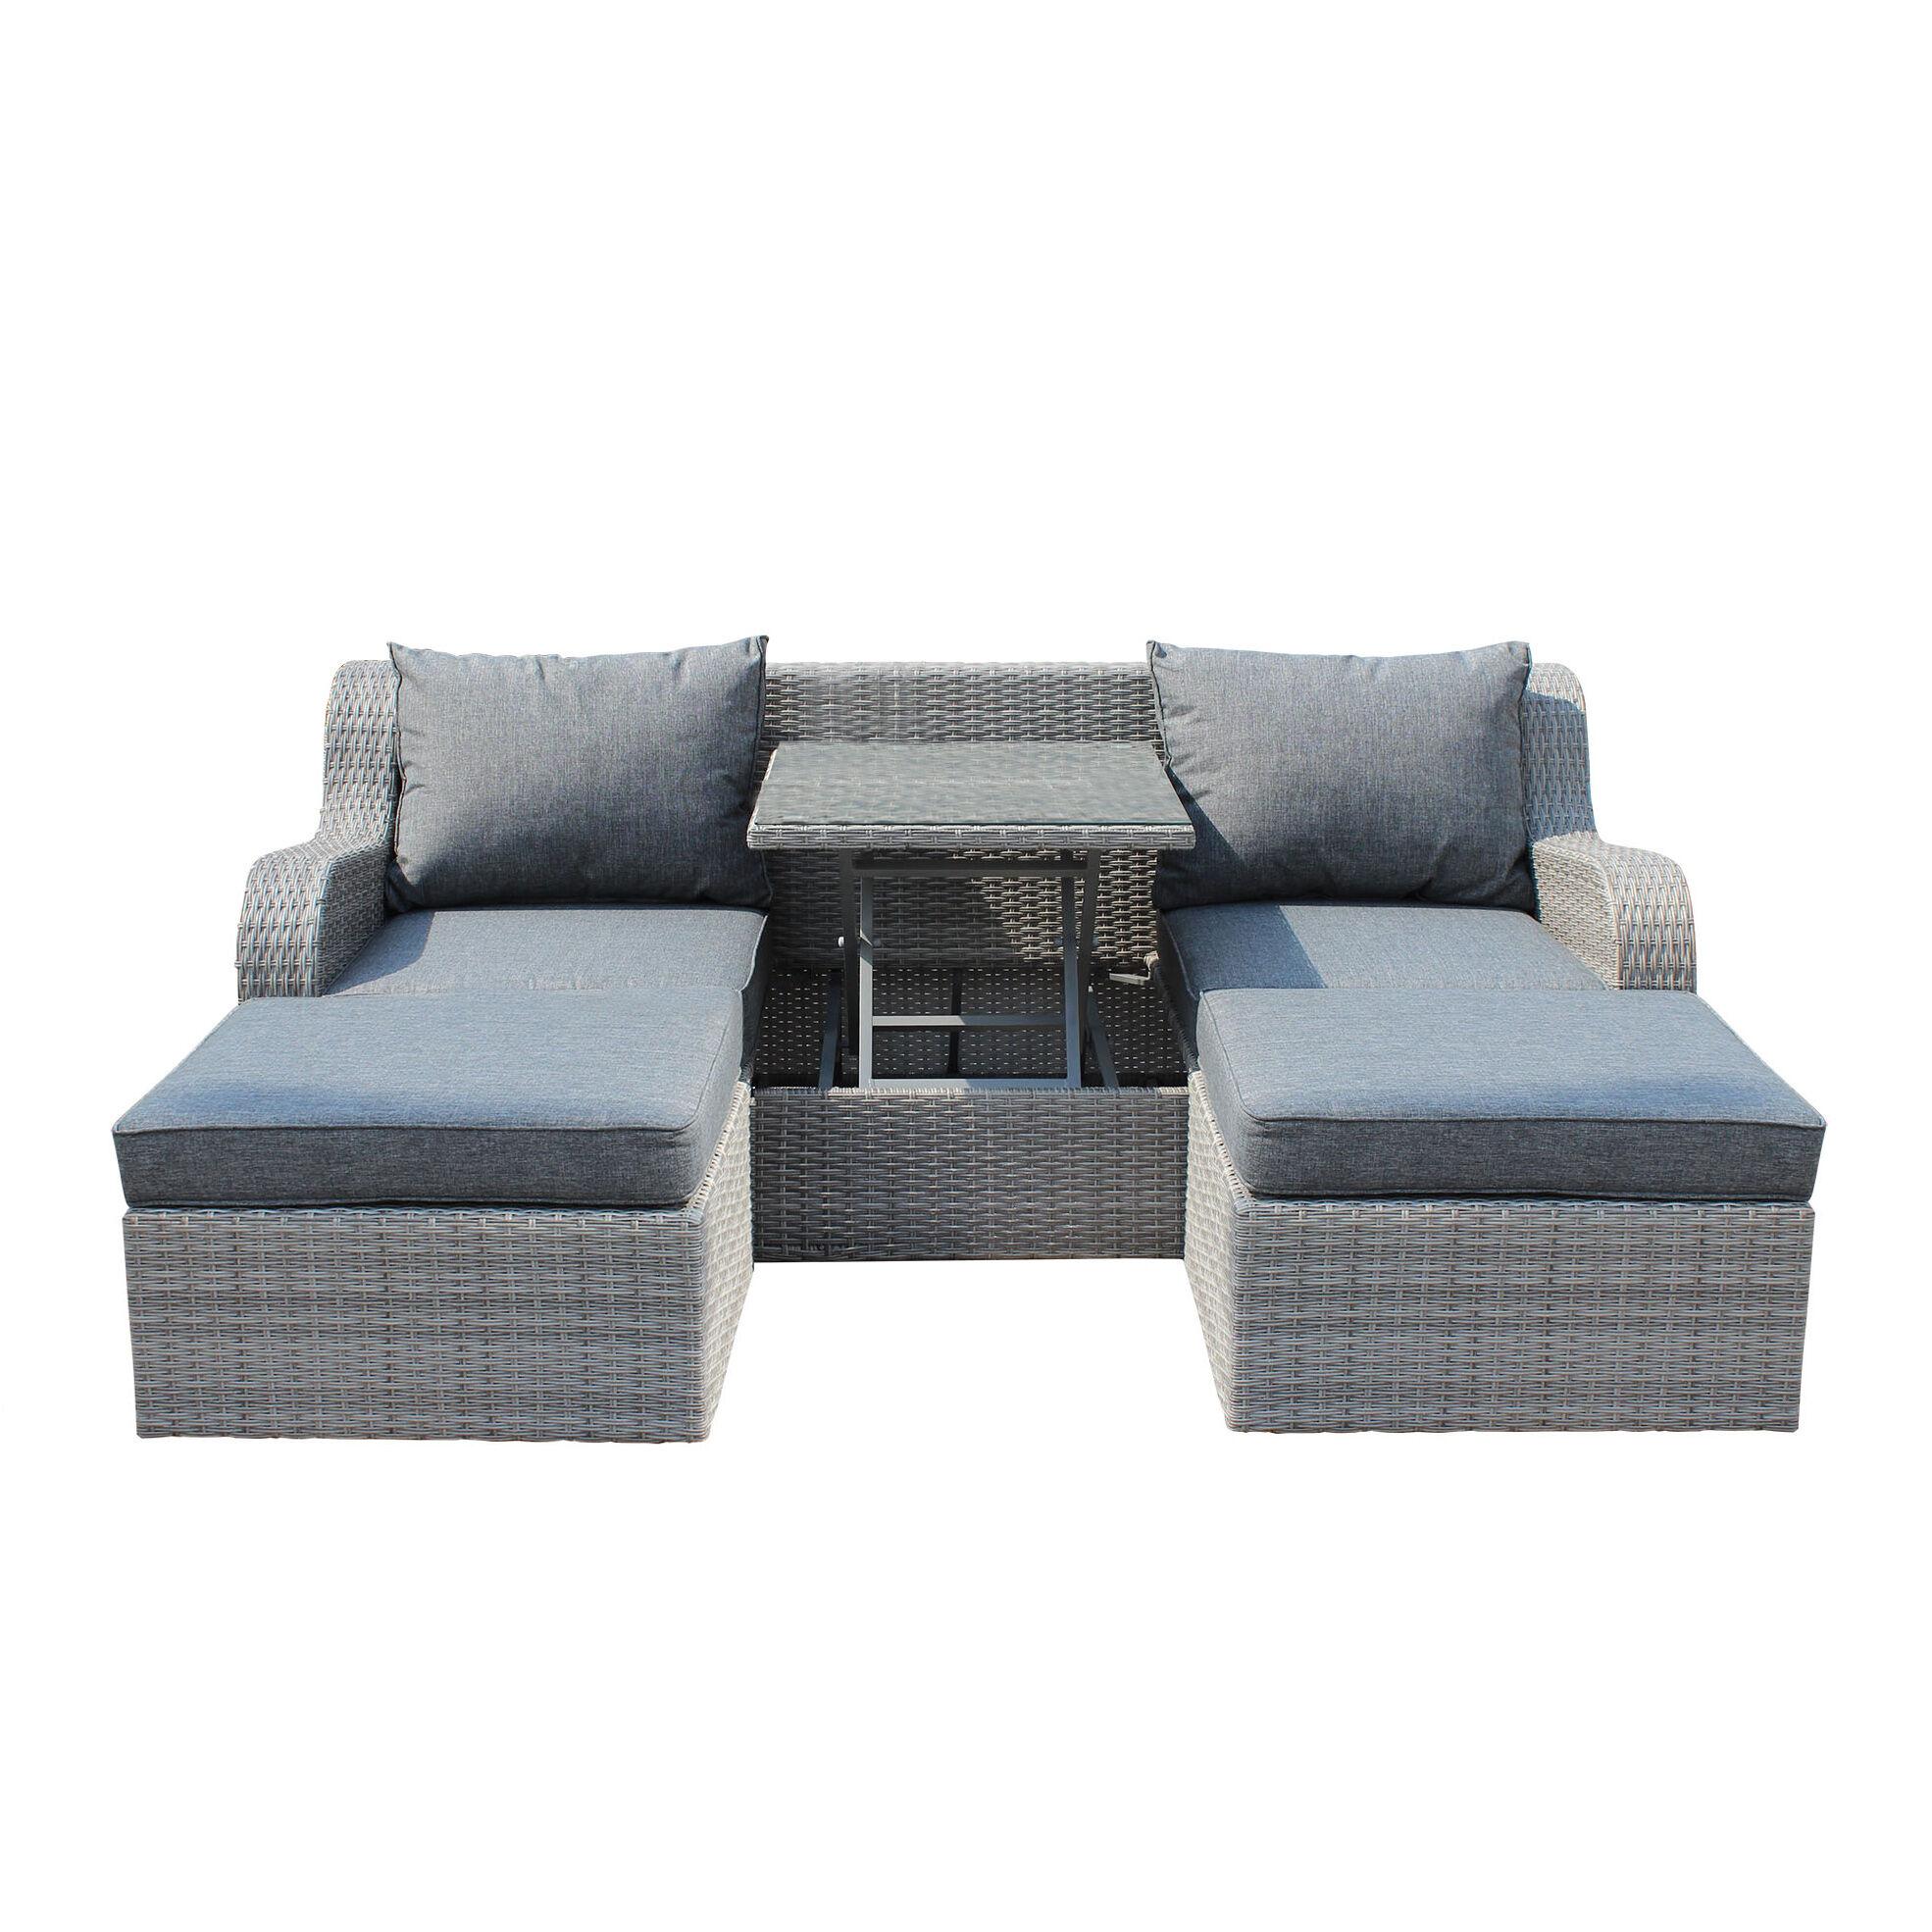 Milani Home GRANDIS - divano da giardino con 2 pouf completo di cuscino intreccio in rattan sintetico